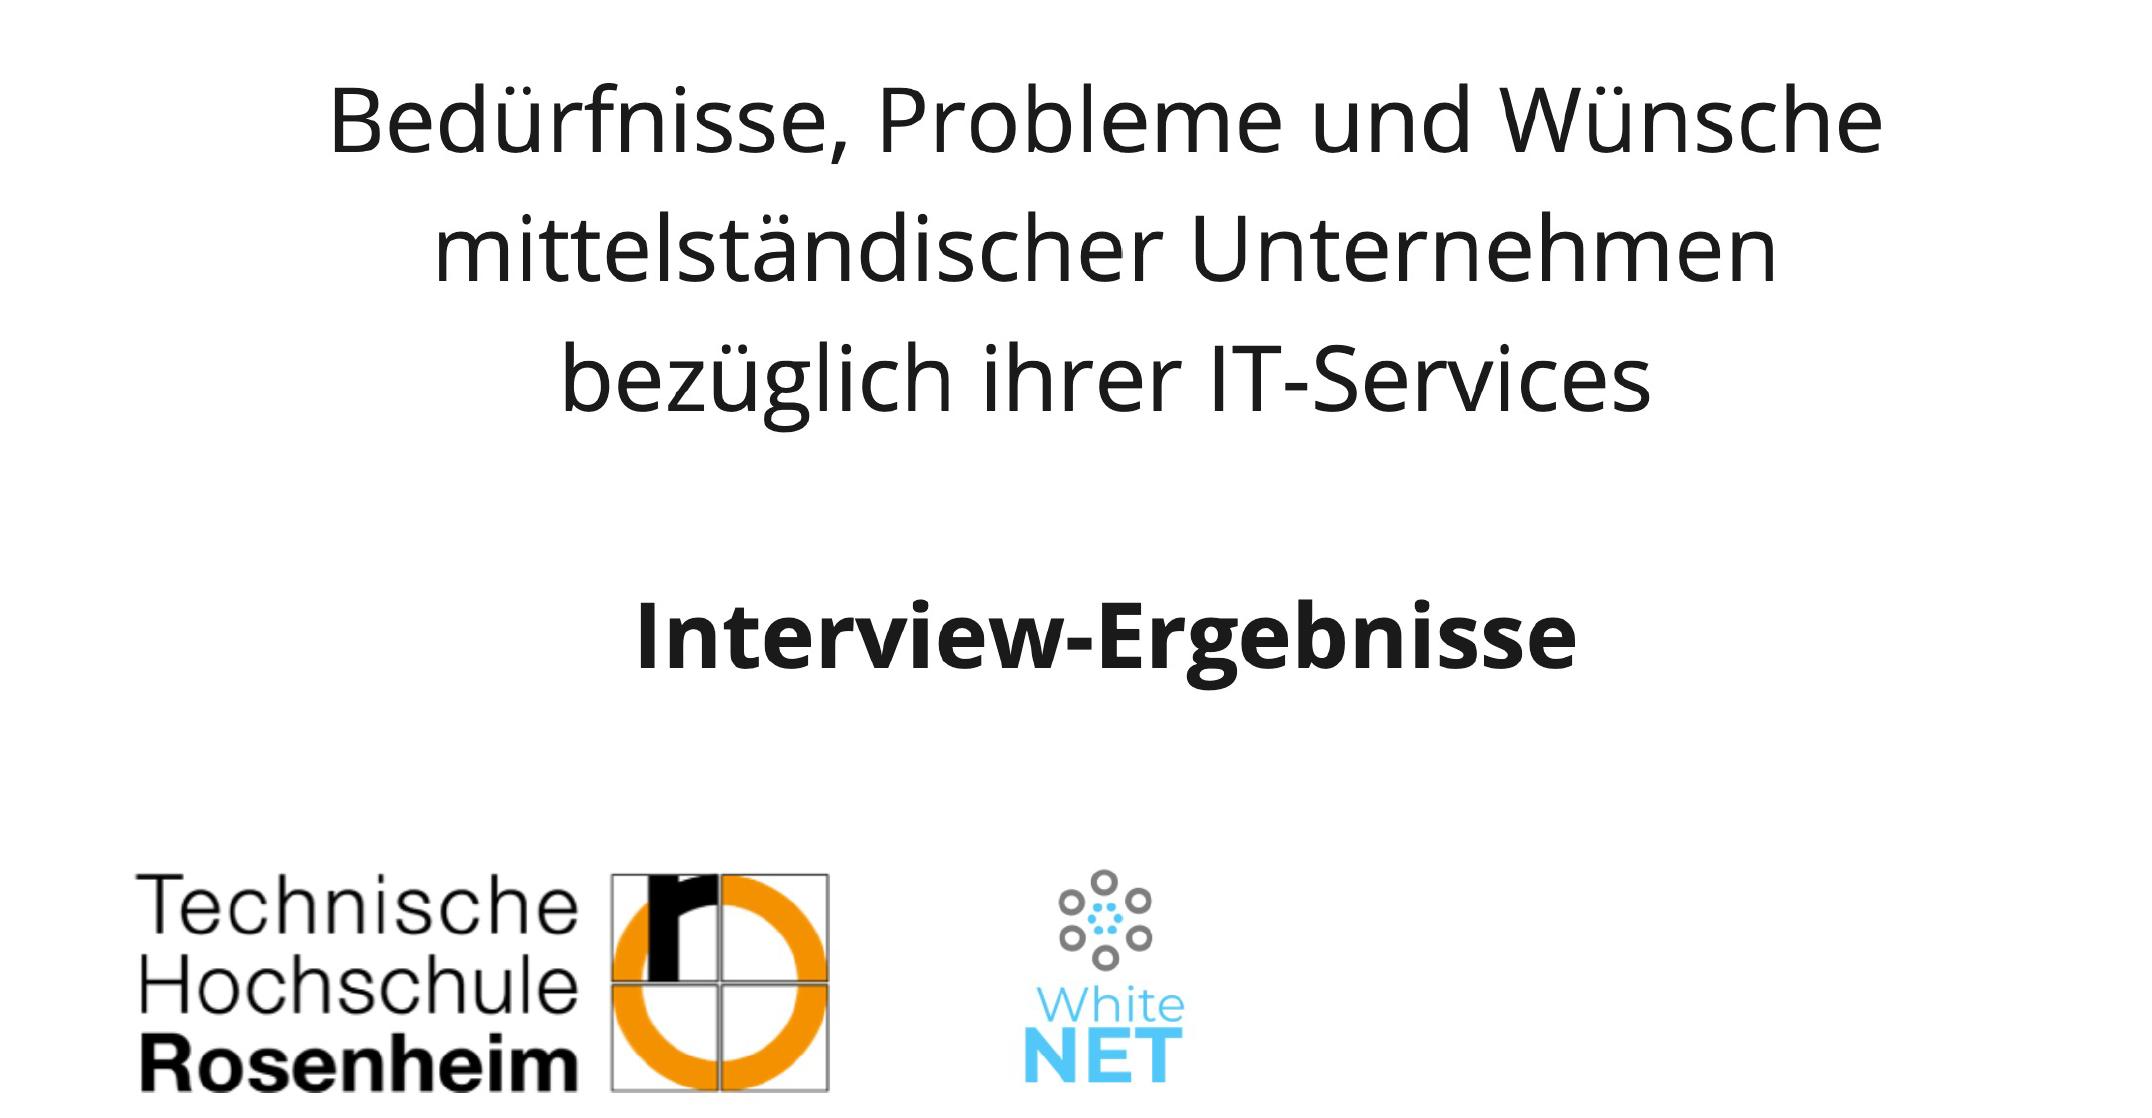 Ergebnisse einer studentischen Projektarbeit der TH Rosenheim: IT-Herausforderungen von mittelständischen Unternehmen